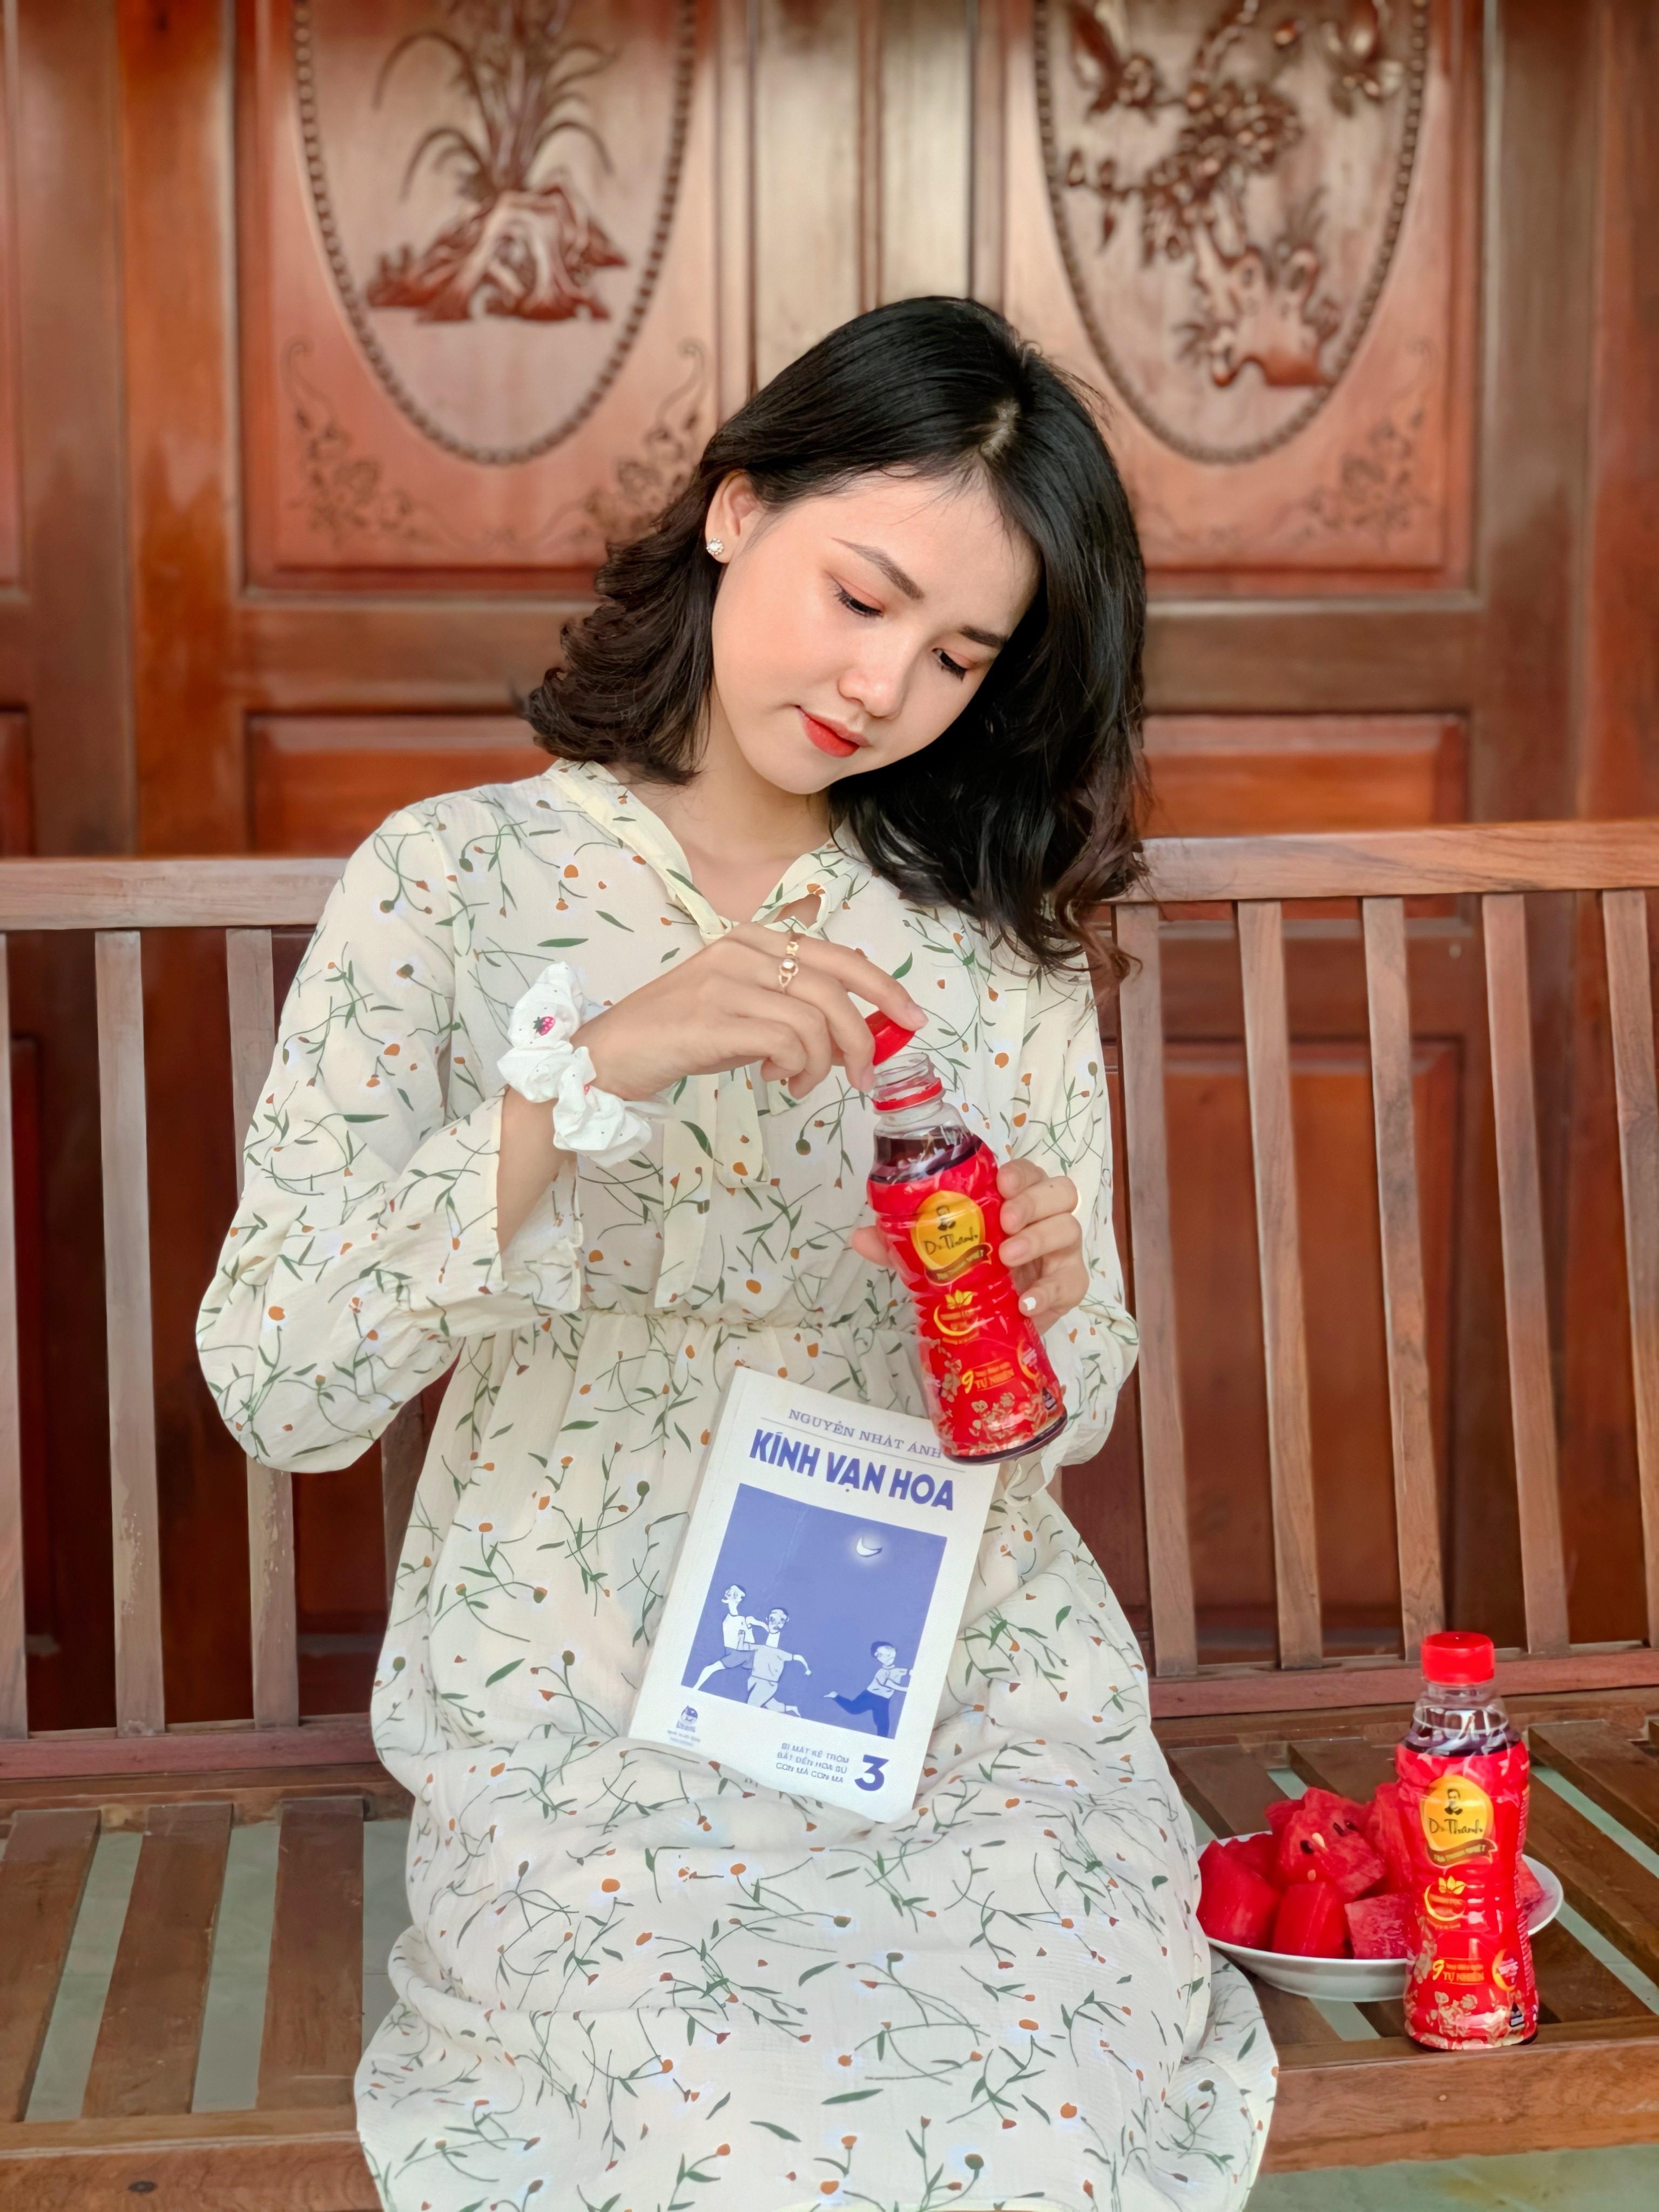 Uống trà thảo mộc mỗi ngày để để tăng cường hệ miễn dịch trong mùa cúm - Ảnh 4.